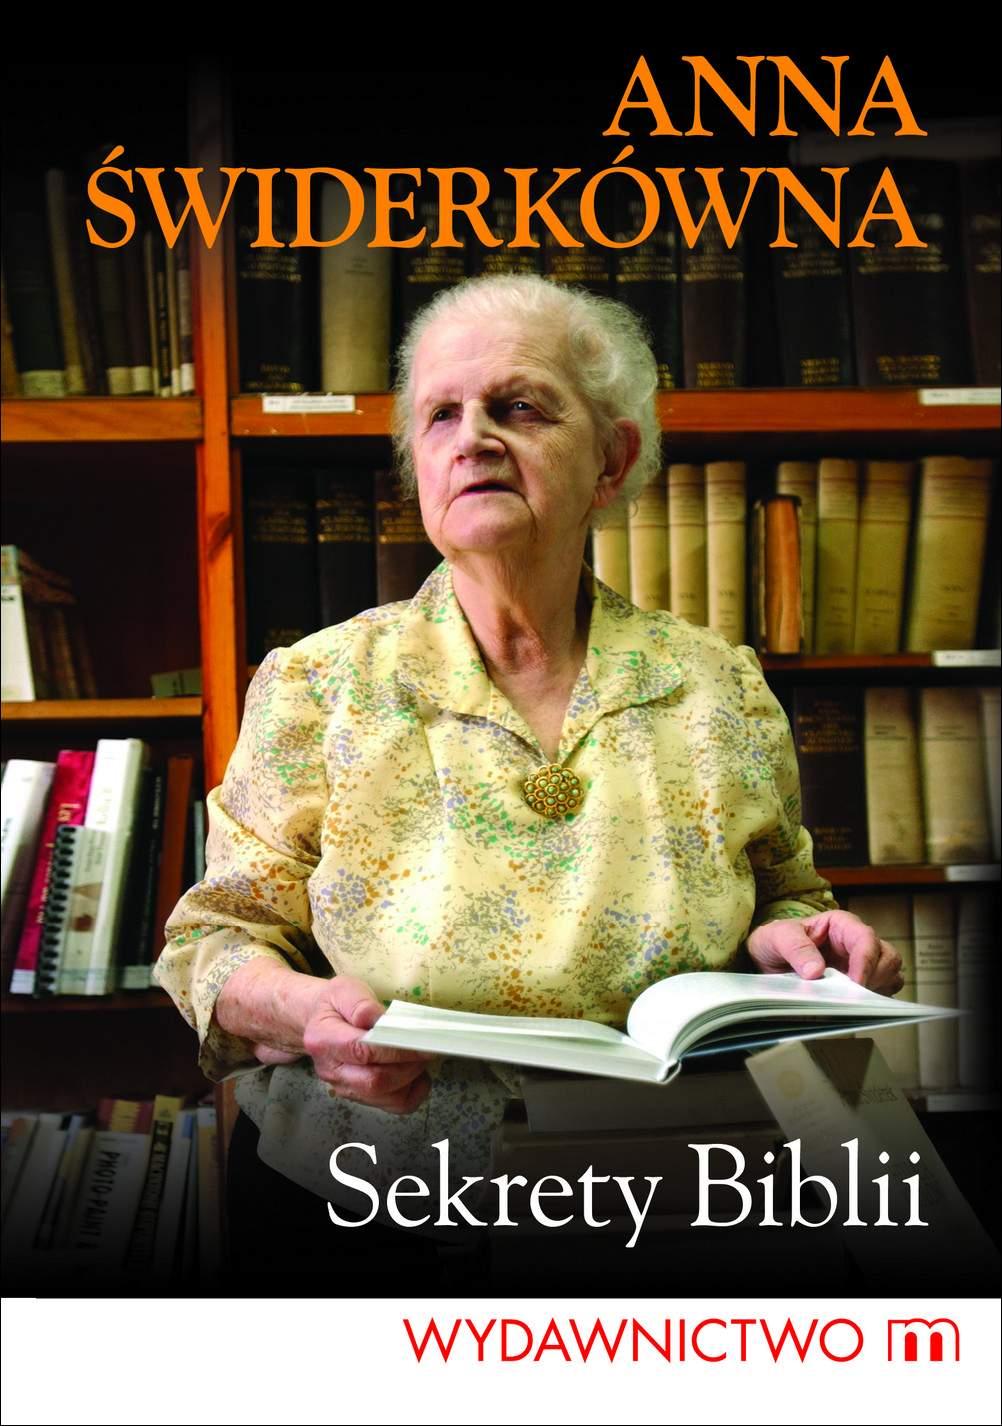 Sekrety Biblii - Ebook (Książka EPUB) do pobrania w formacie EPUB